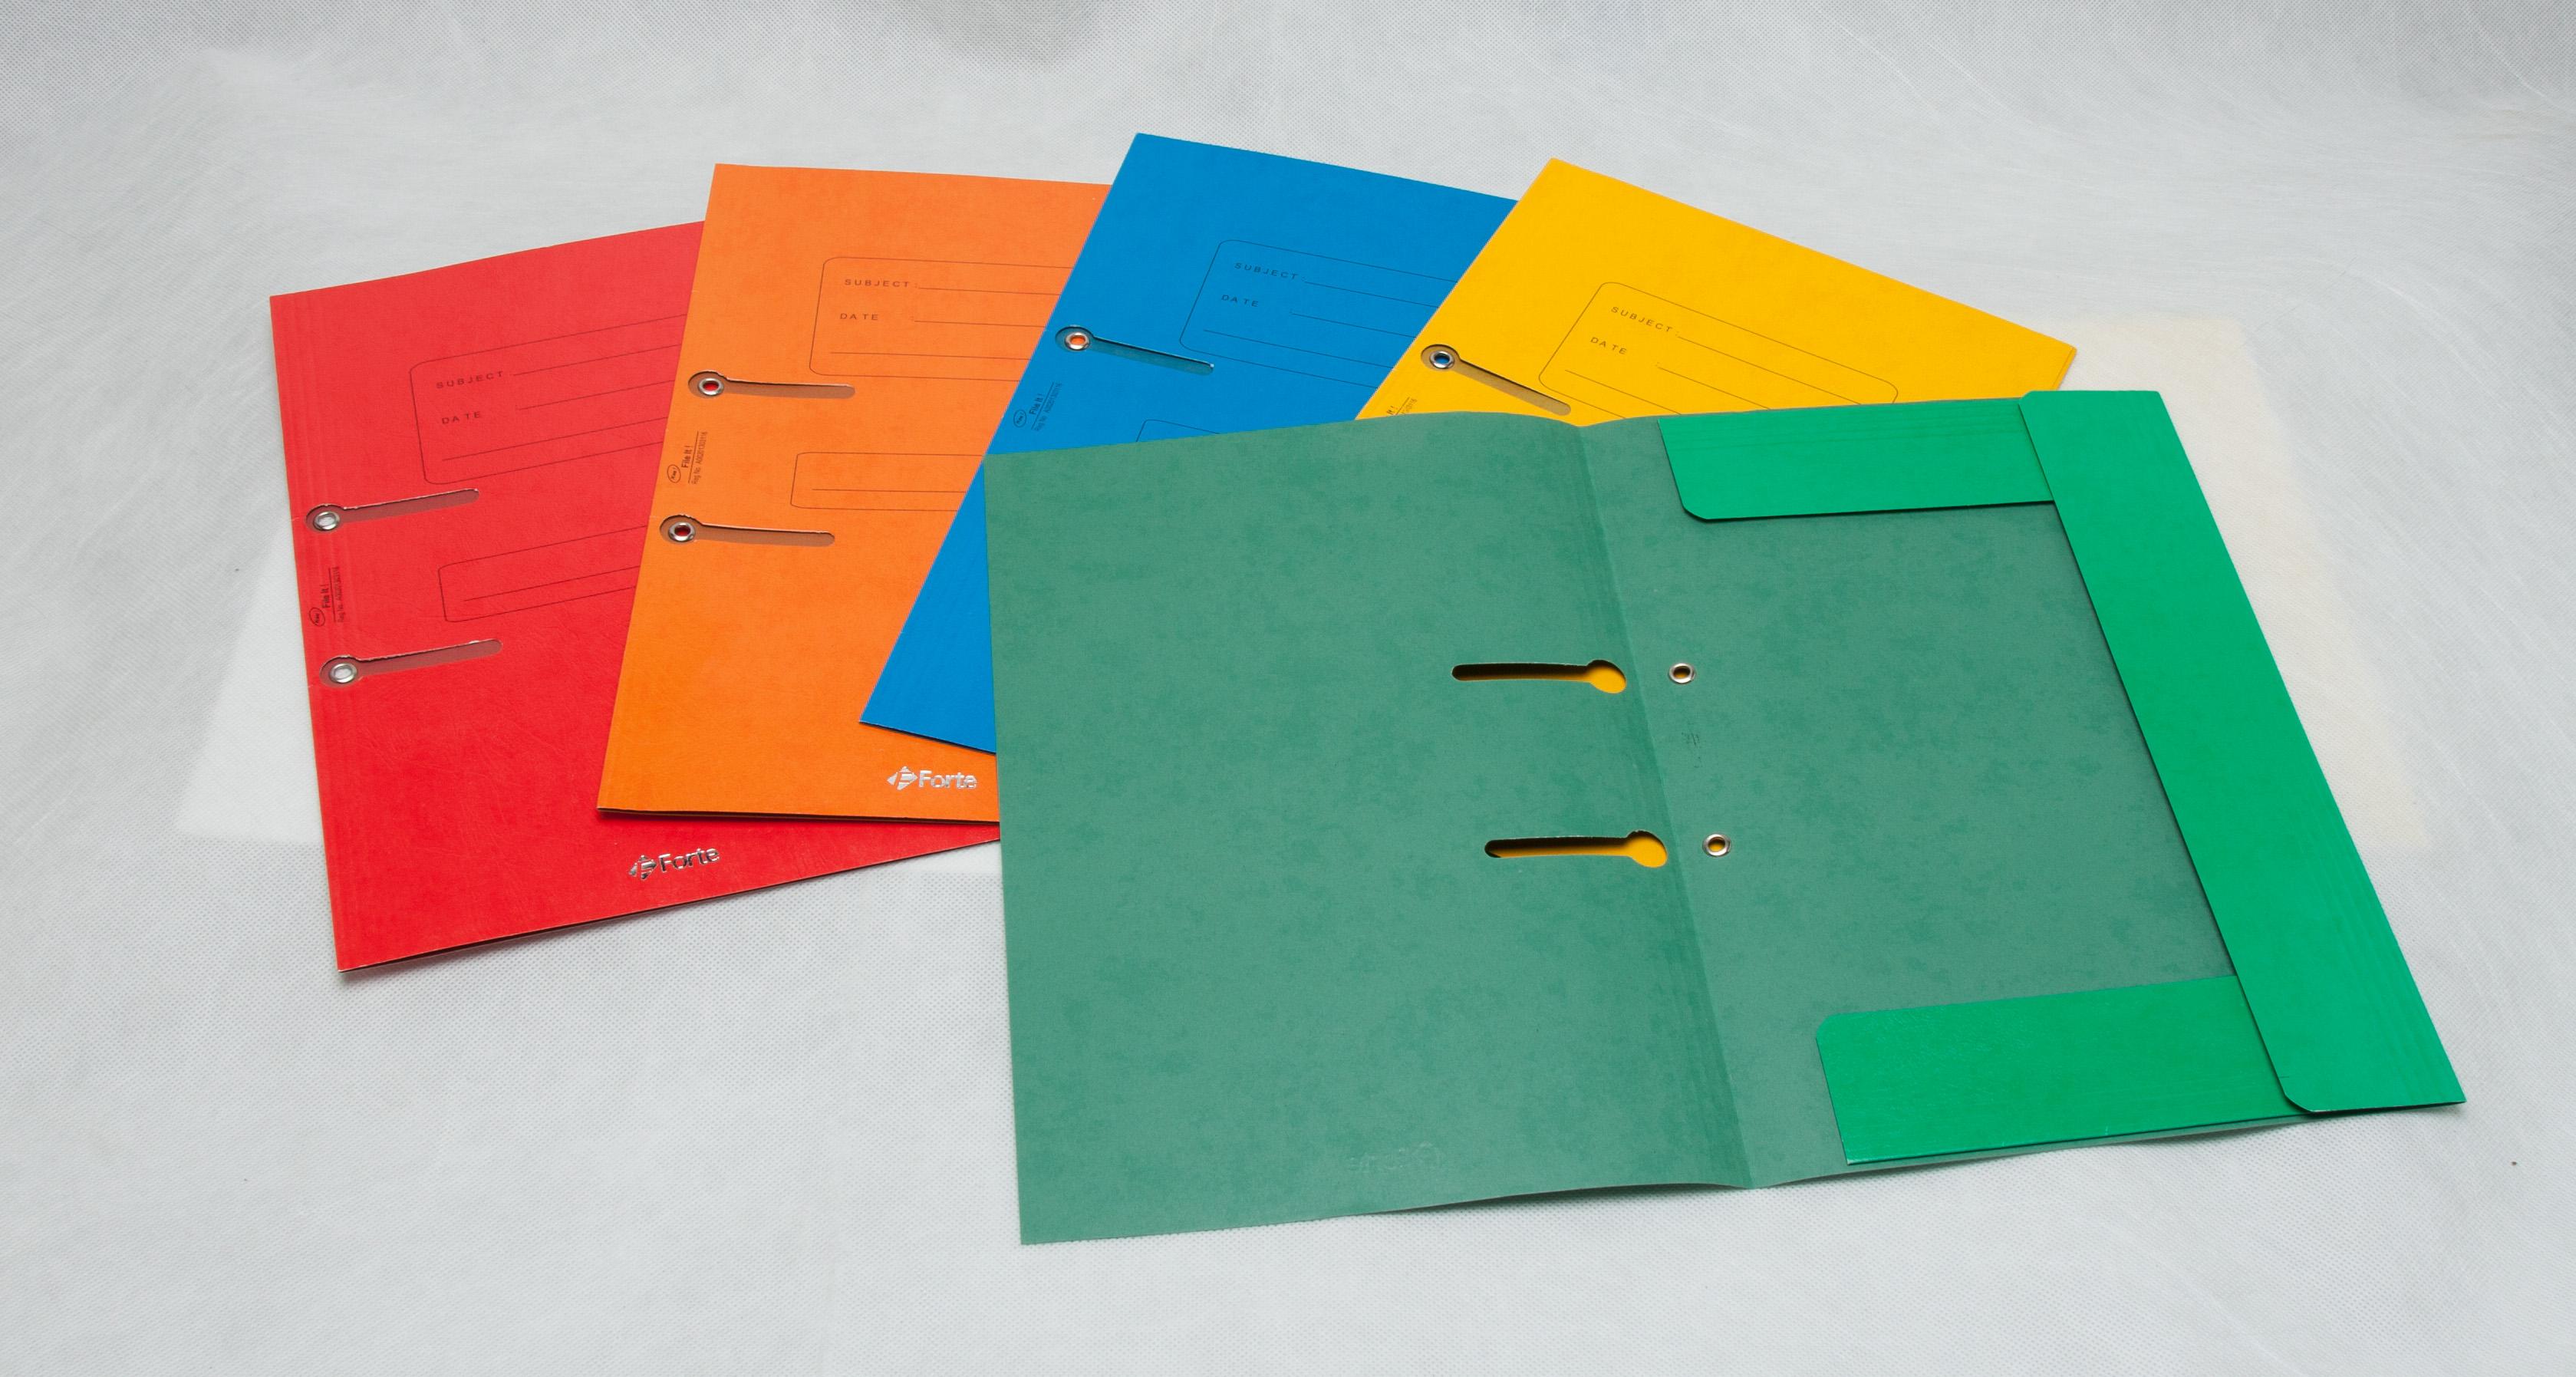 Kertas karton untuk perlengkapan ATK - Ini 5 Kegunaan Kertas Karton dalam Industri Percetakan